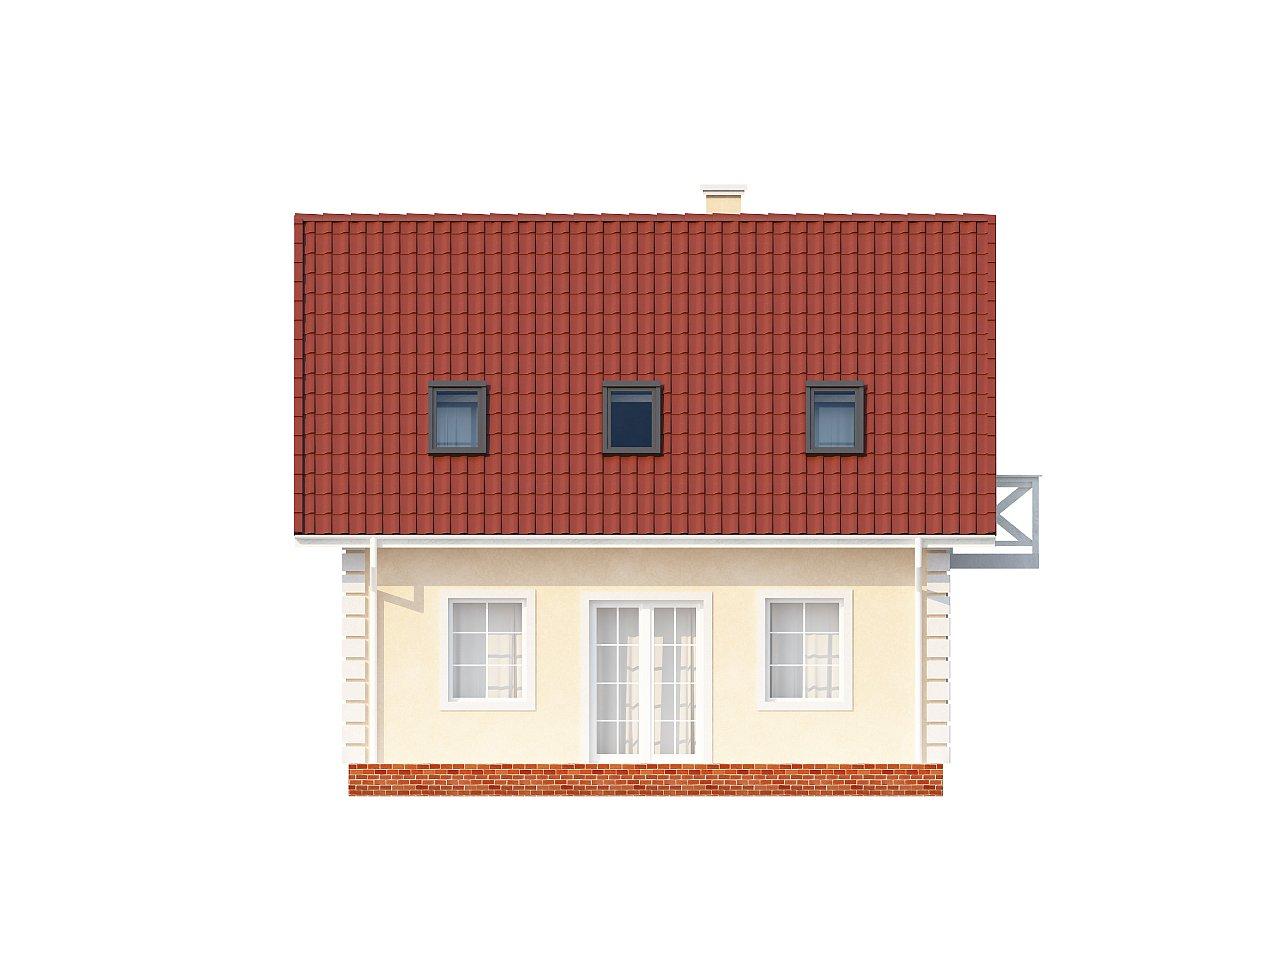 Компактный дом в традиционном стиле с двускатной крышей и красивыми мансардными окнами. - фото 6